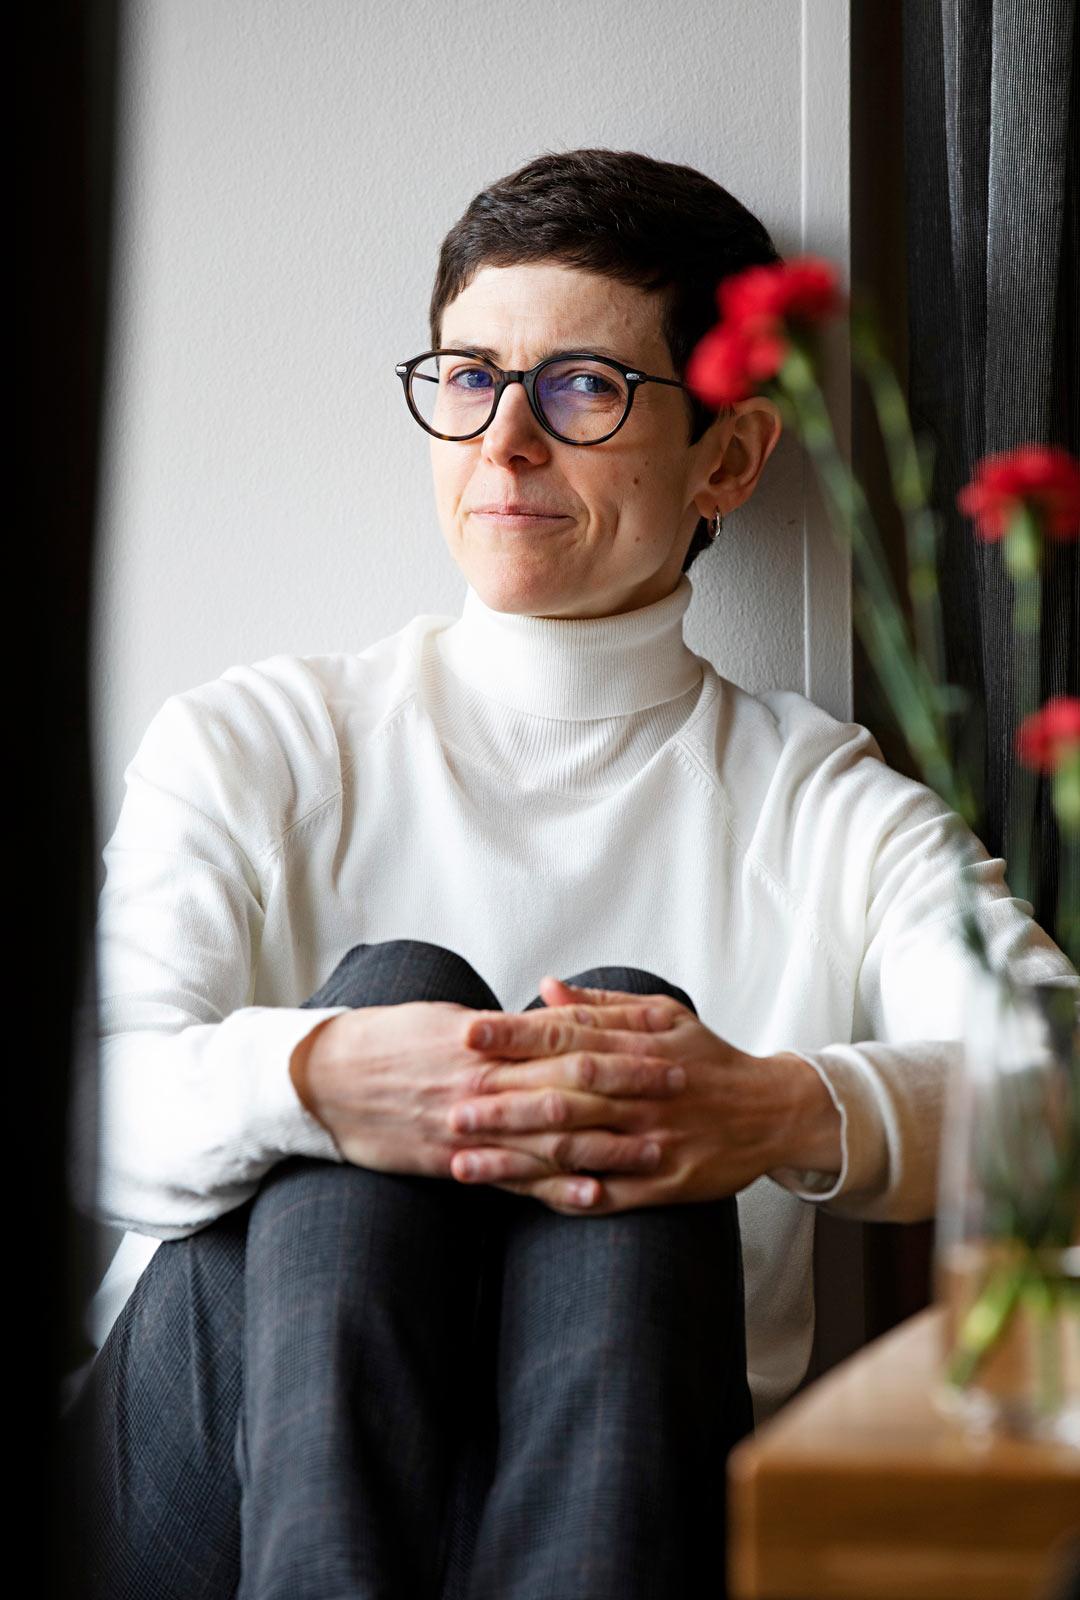 Patricia G. Bertényi on kirjailija ja New Yorkin valokuvausakatemiasta valmistunut valokuvaaja.